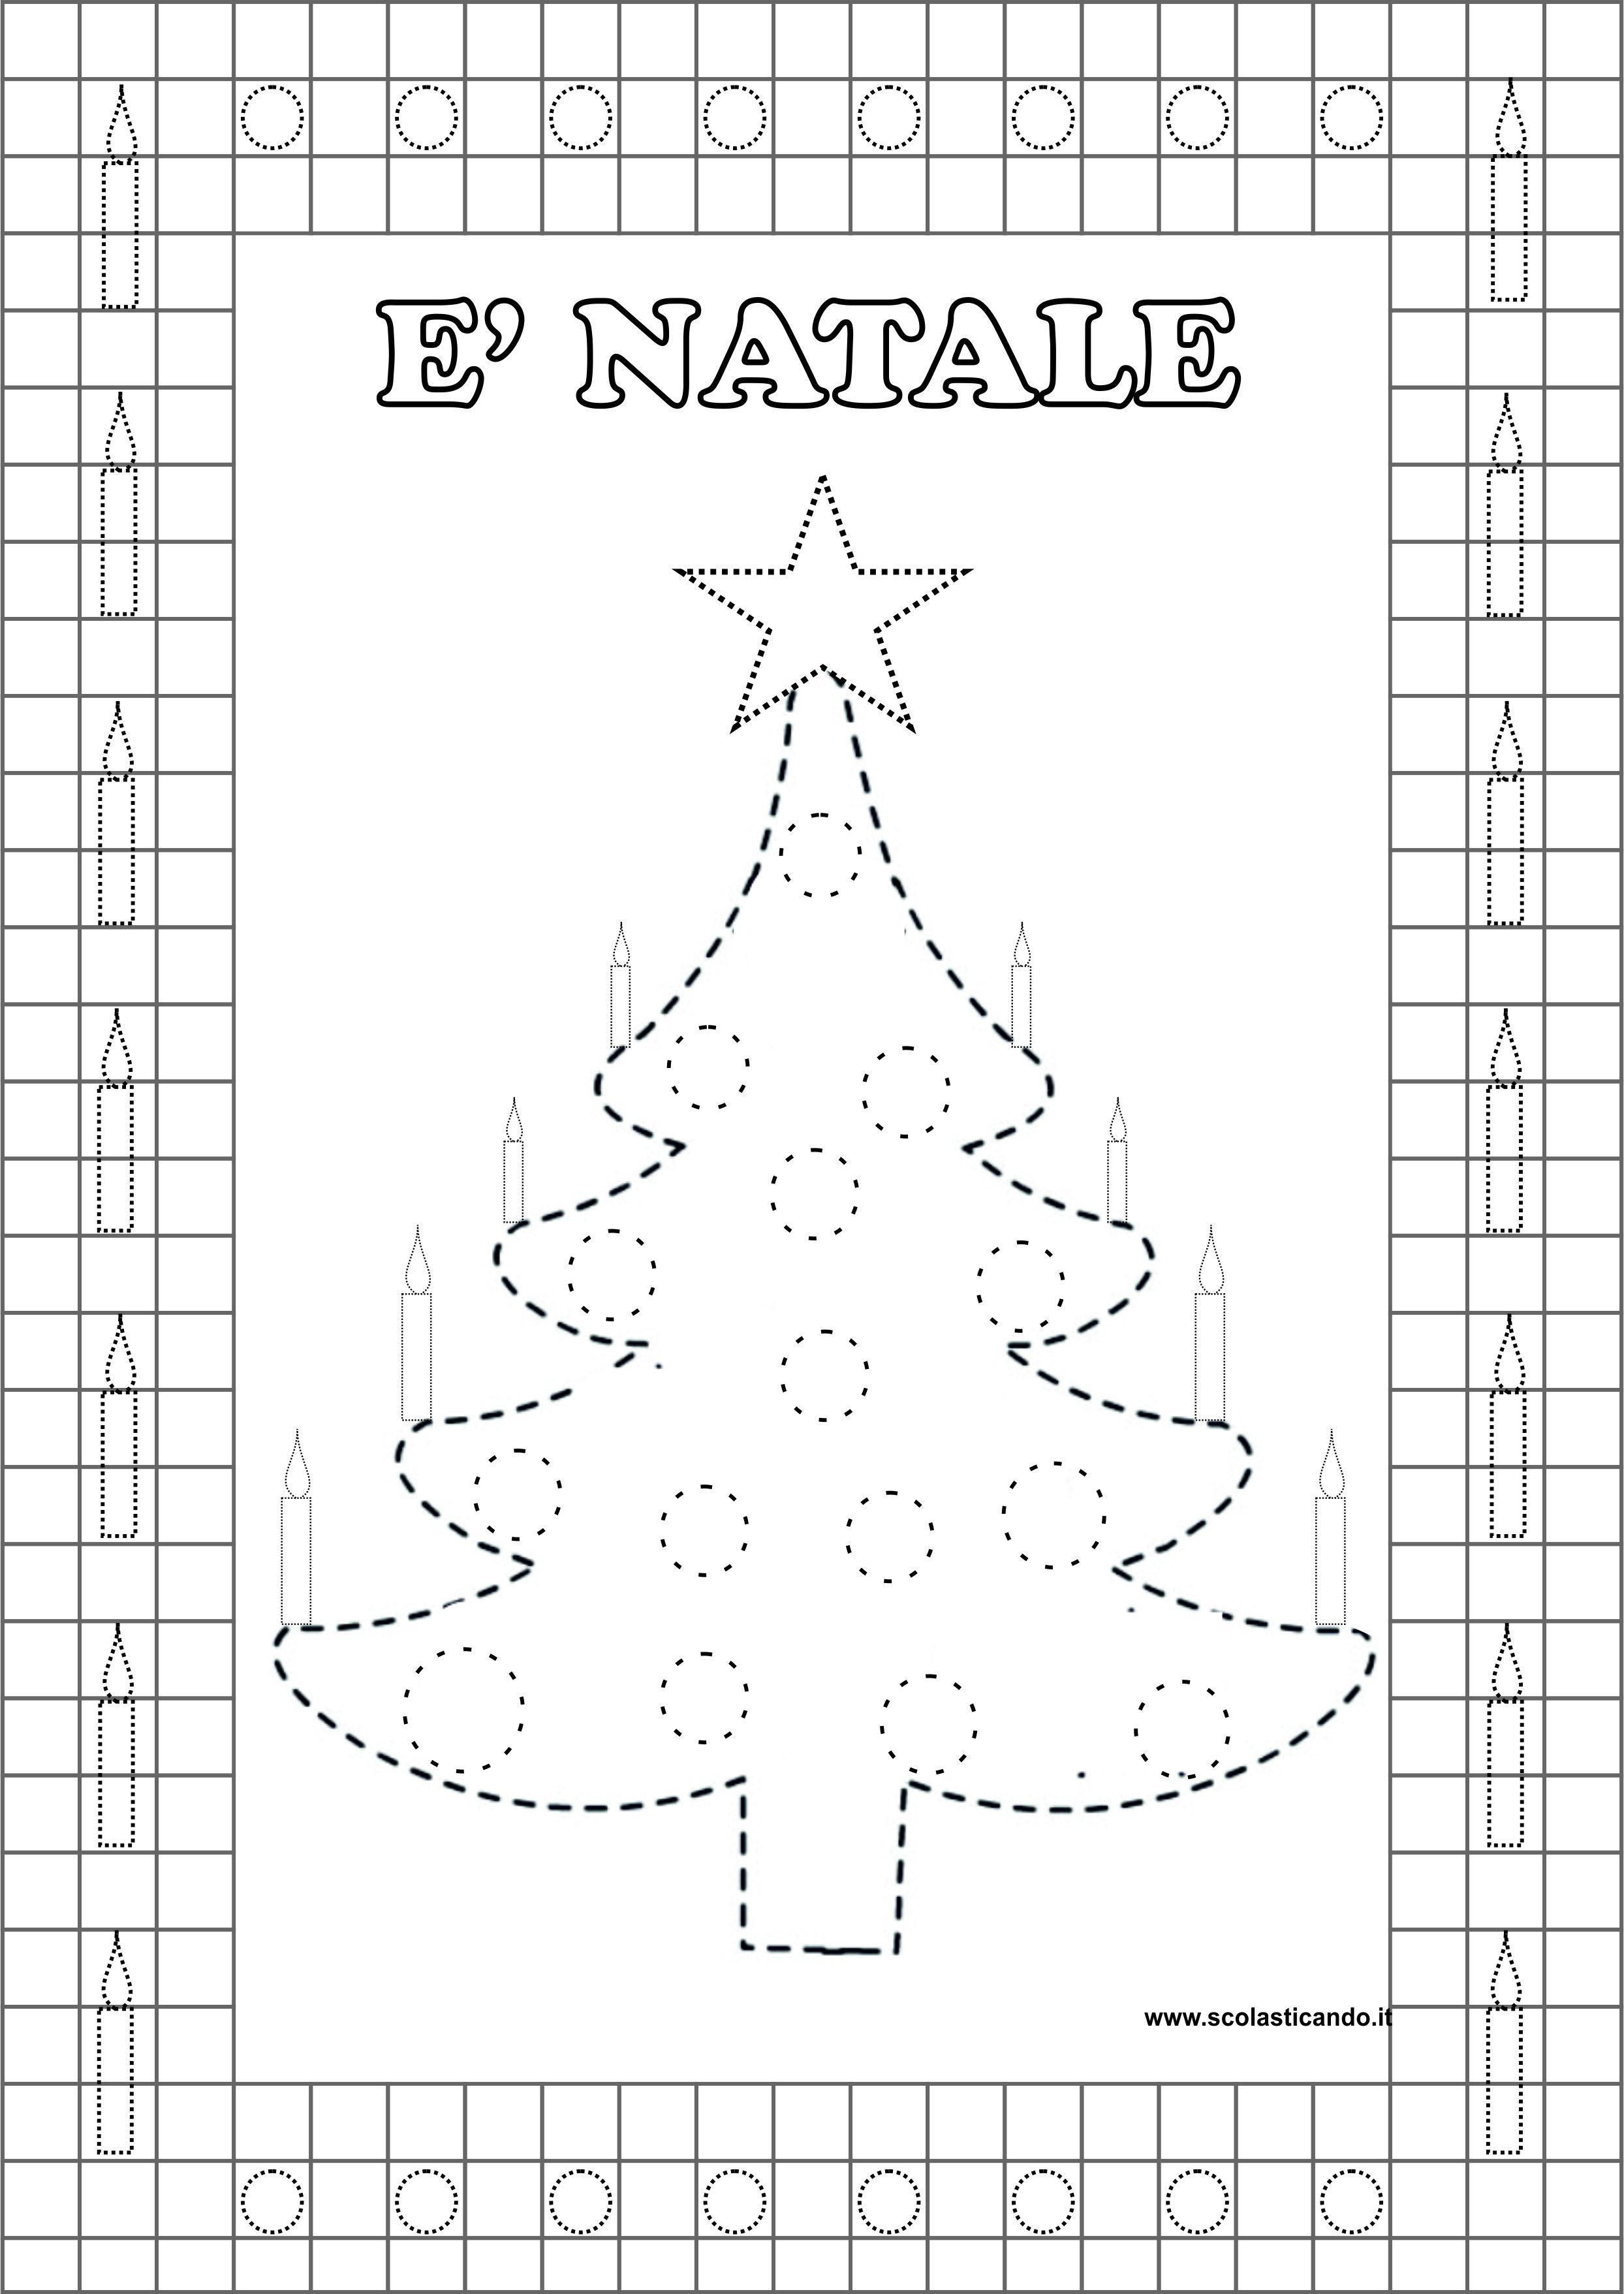 Poesie Di Natale Prima Elementare.Feste E Ricorrenze Natale Biglietto E Schede Da Scaricare